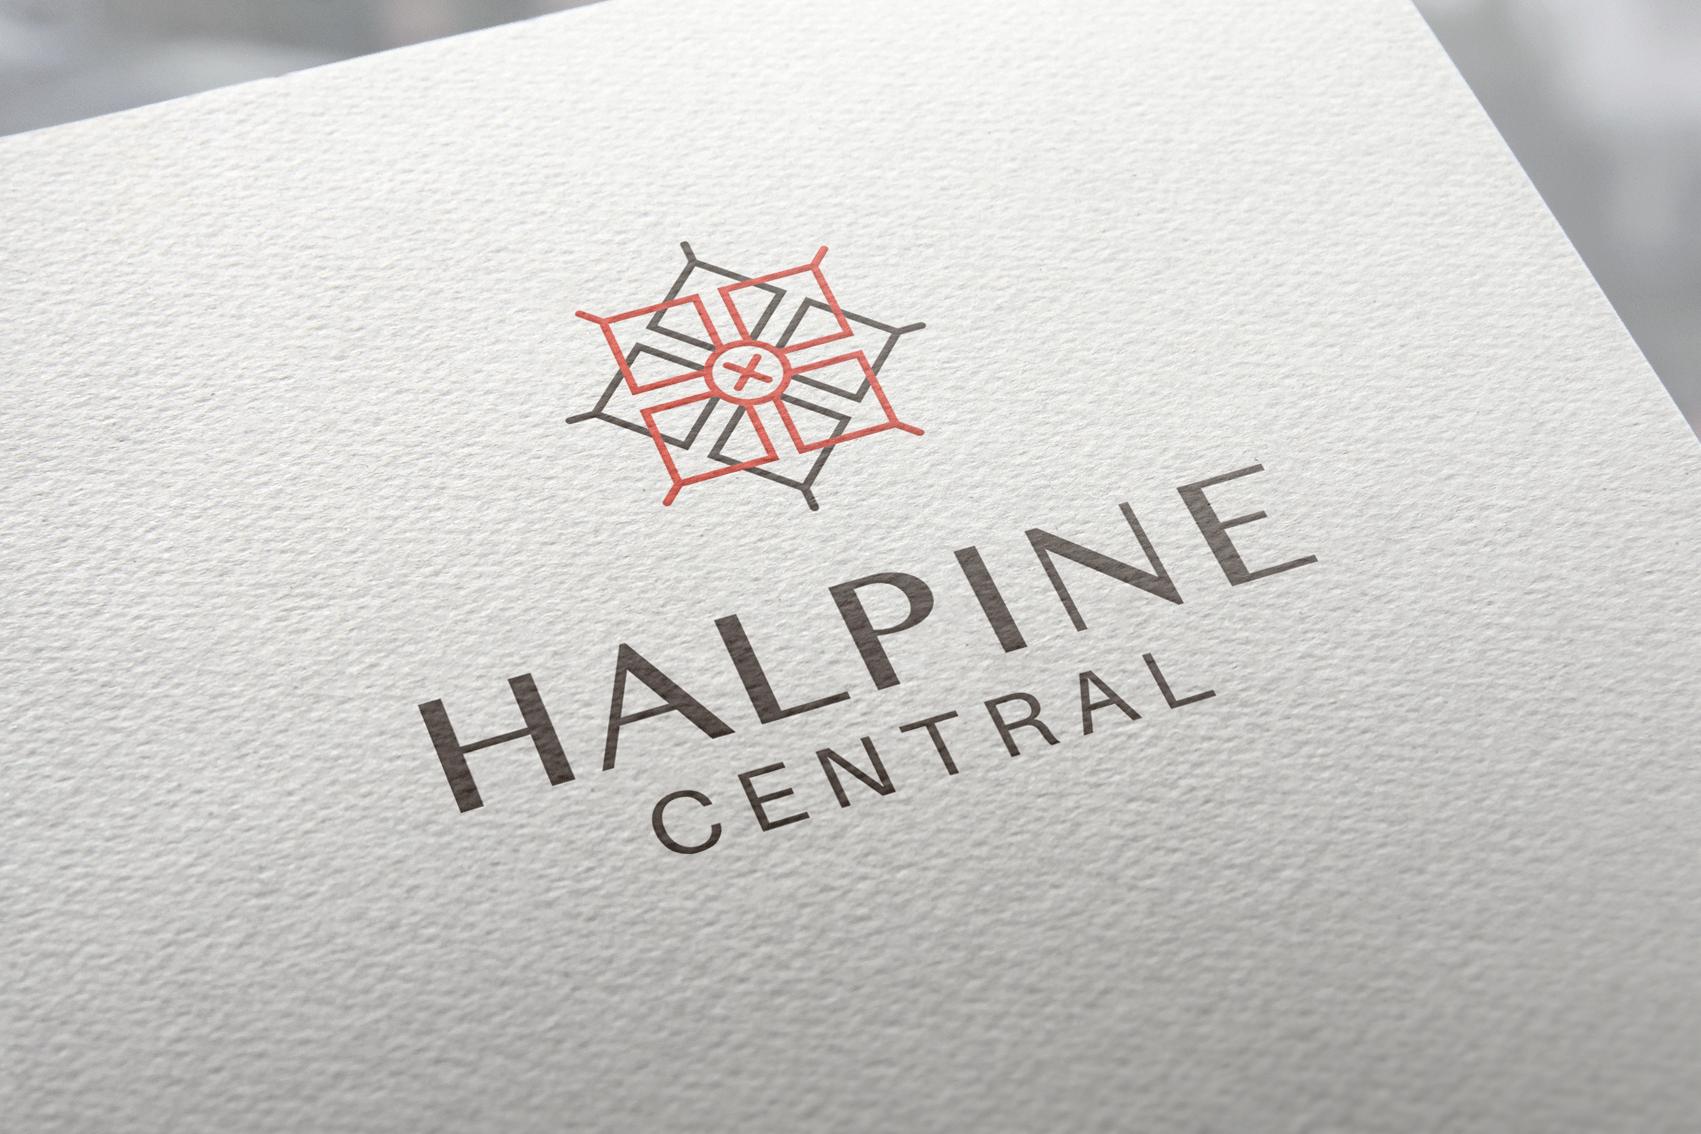 Halpine Central